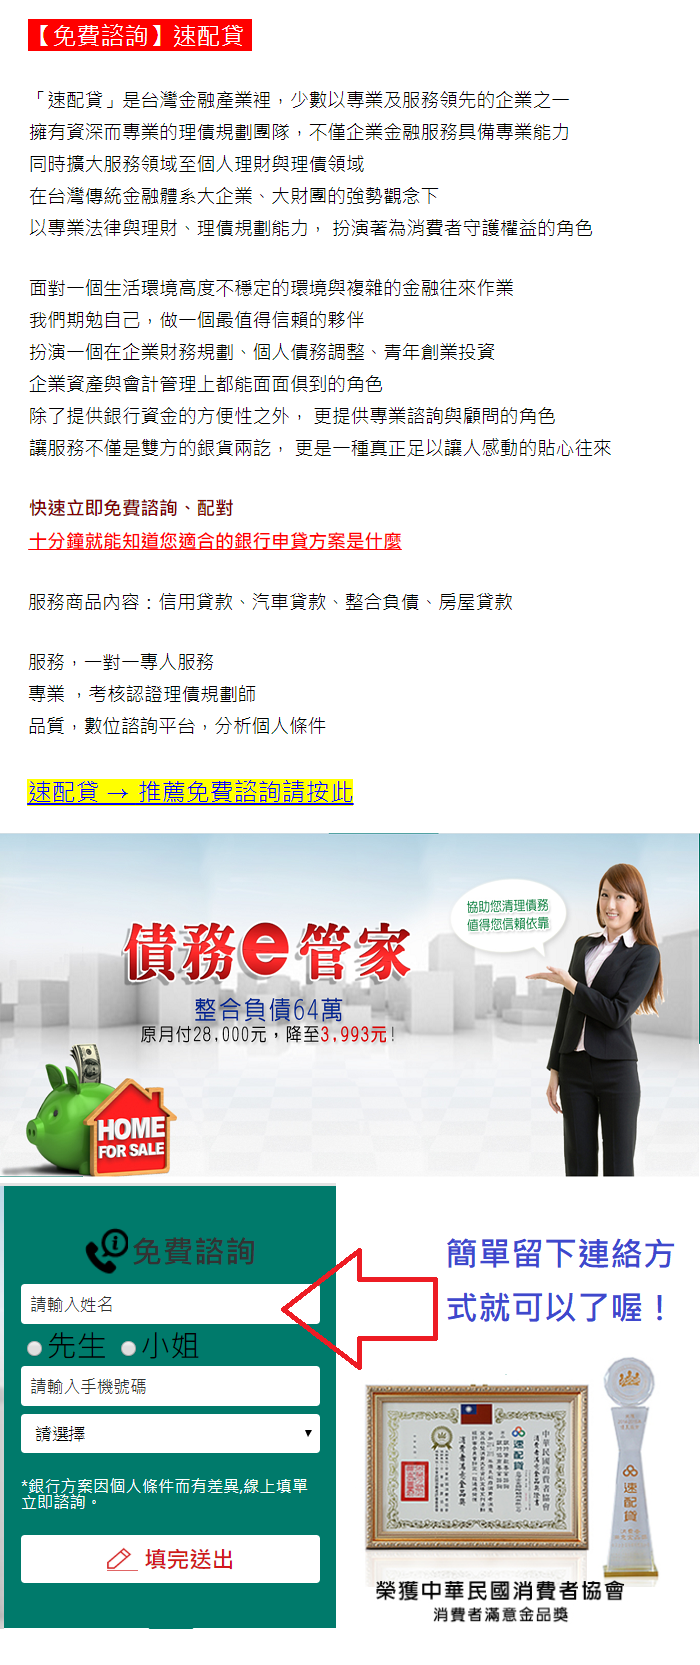 房屋貸款利率最低方法